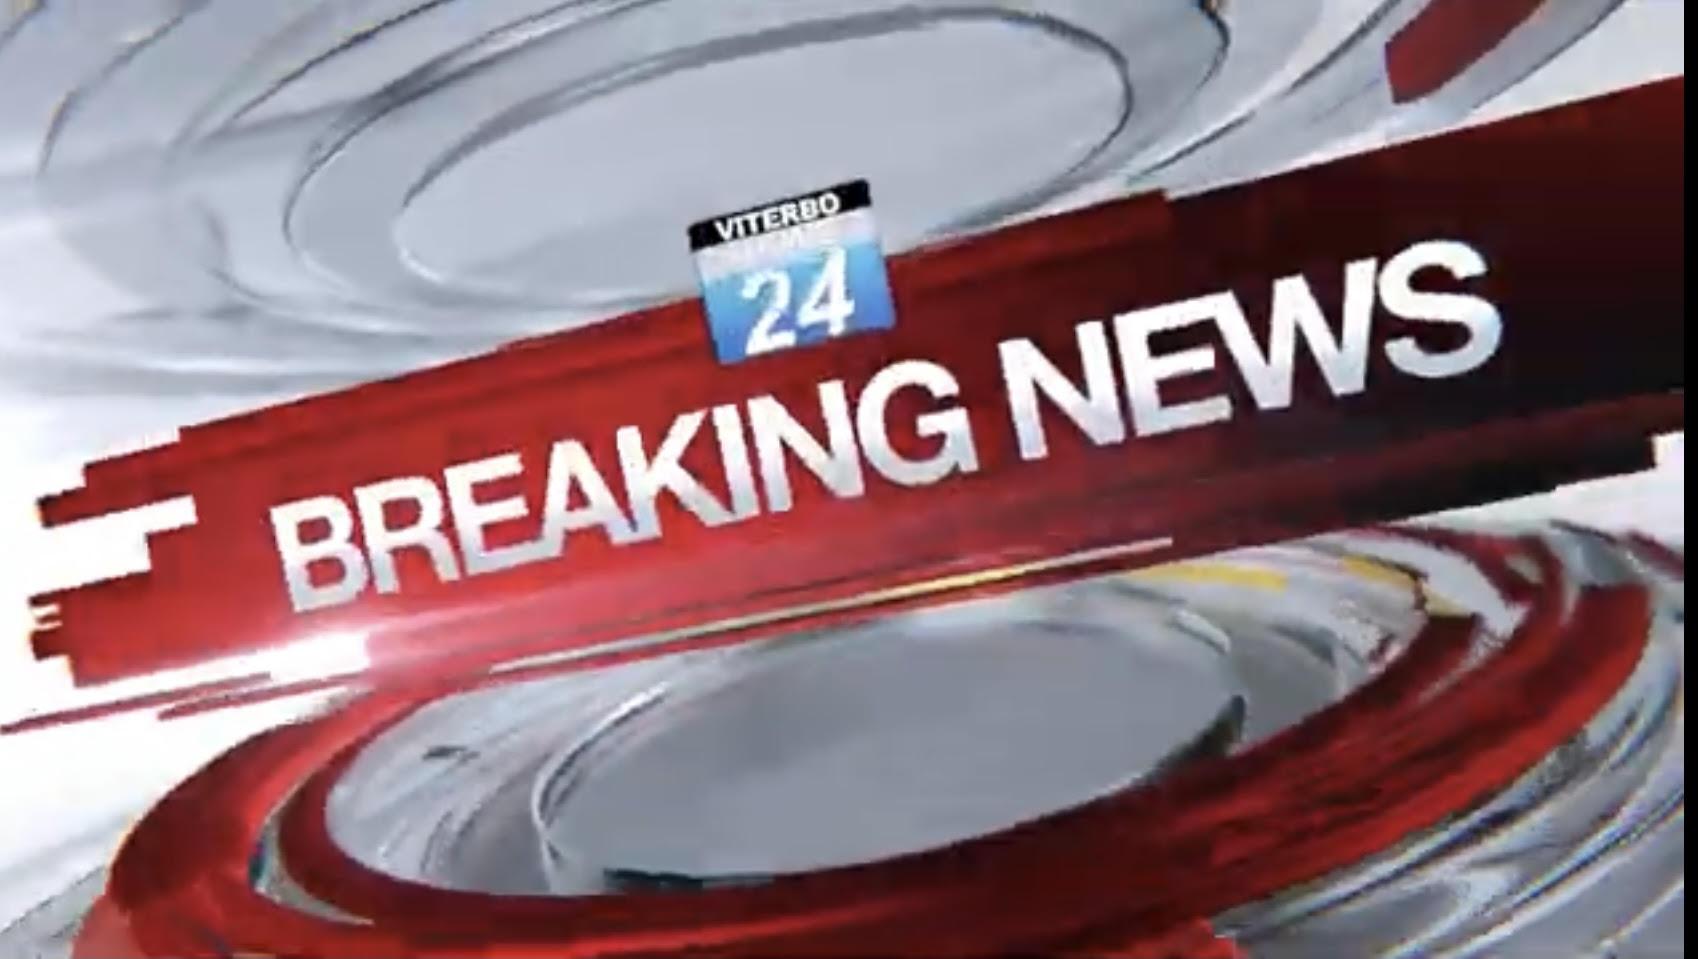 DA OGGI SU TLN E VITERBONEWS24 TORNANO LE BREAKING NEWS 24 A PARTIRE DALLE 19,30